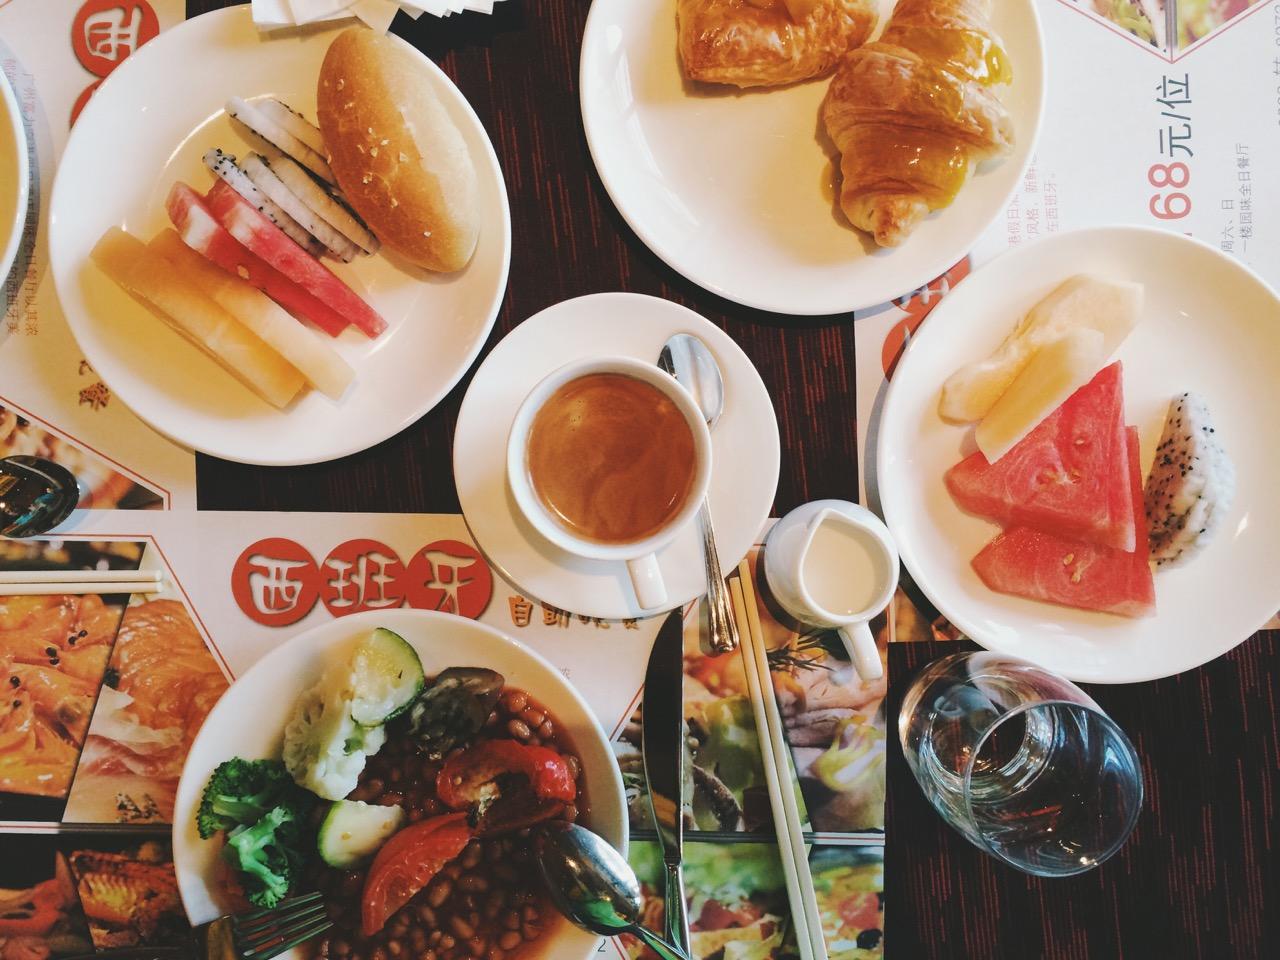 Безвизовый транзит в Гуанчжоу: Завтрак в бесплатном транзитном отеле